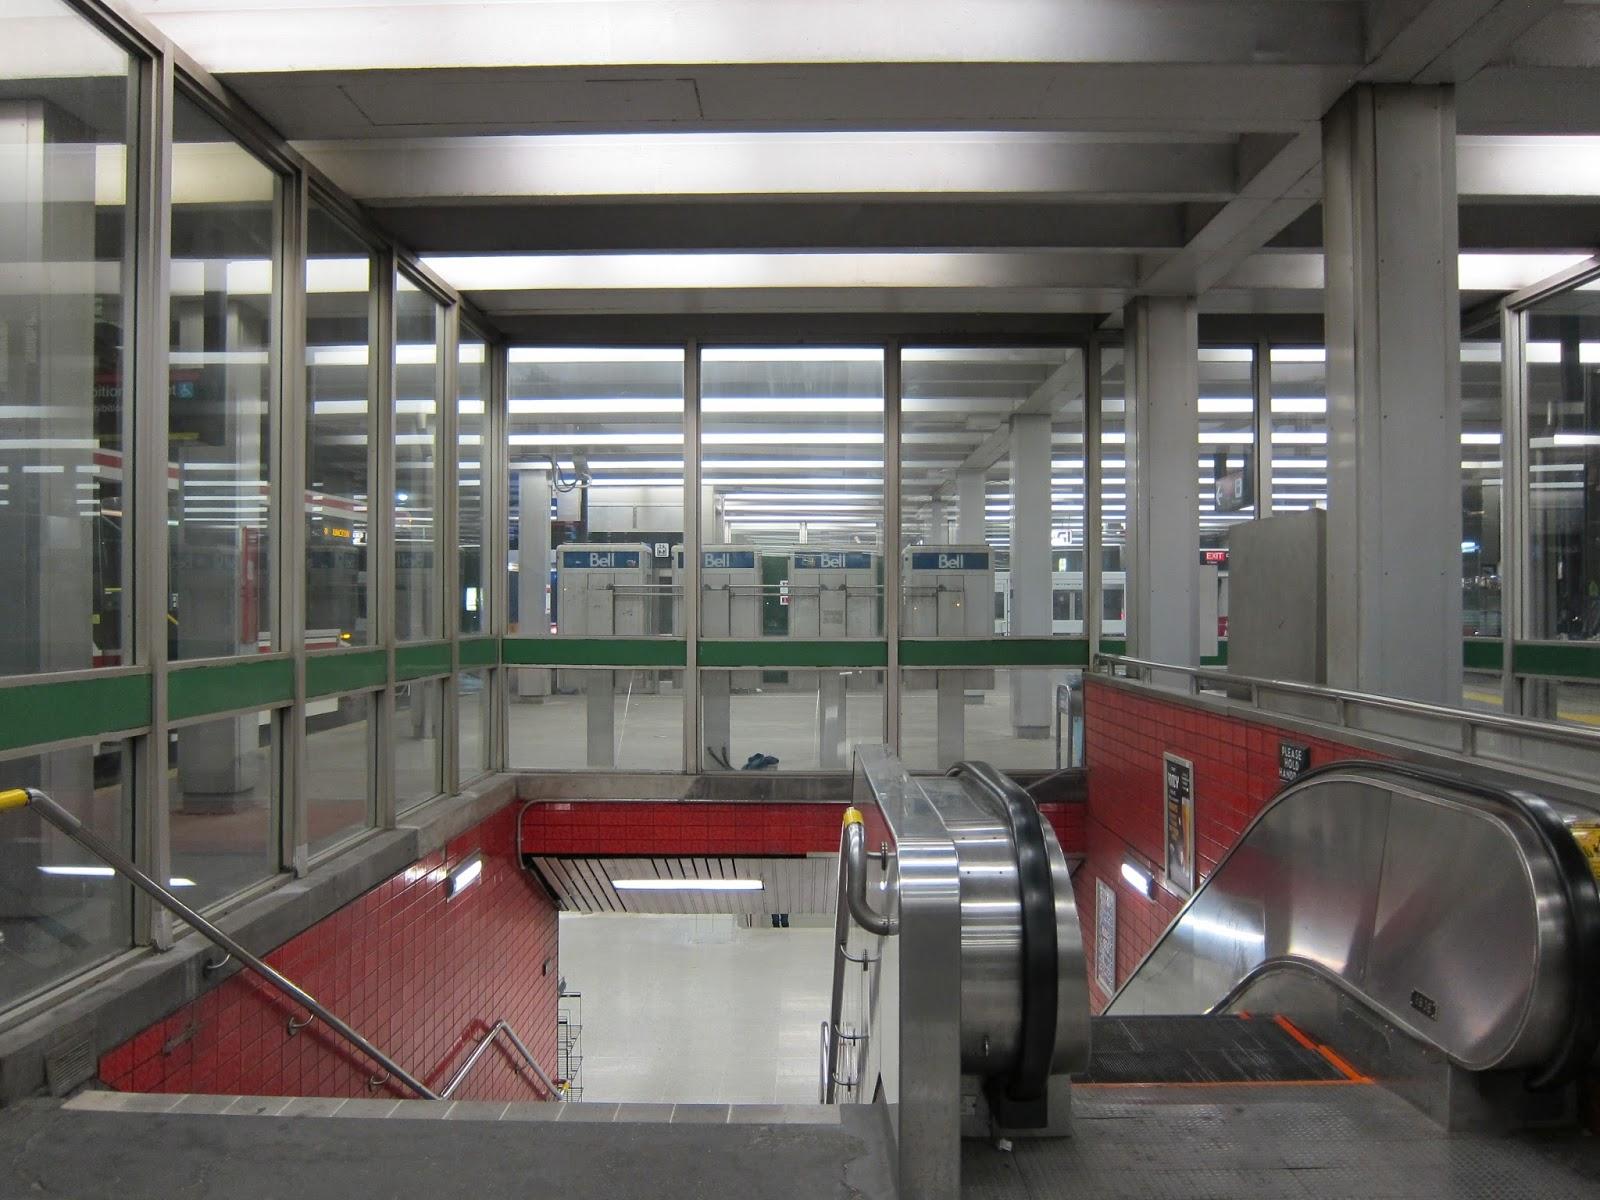 Stairwell to mezzanine, from streetcar platform, Dundas West station